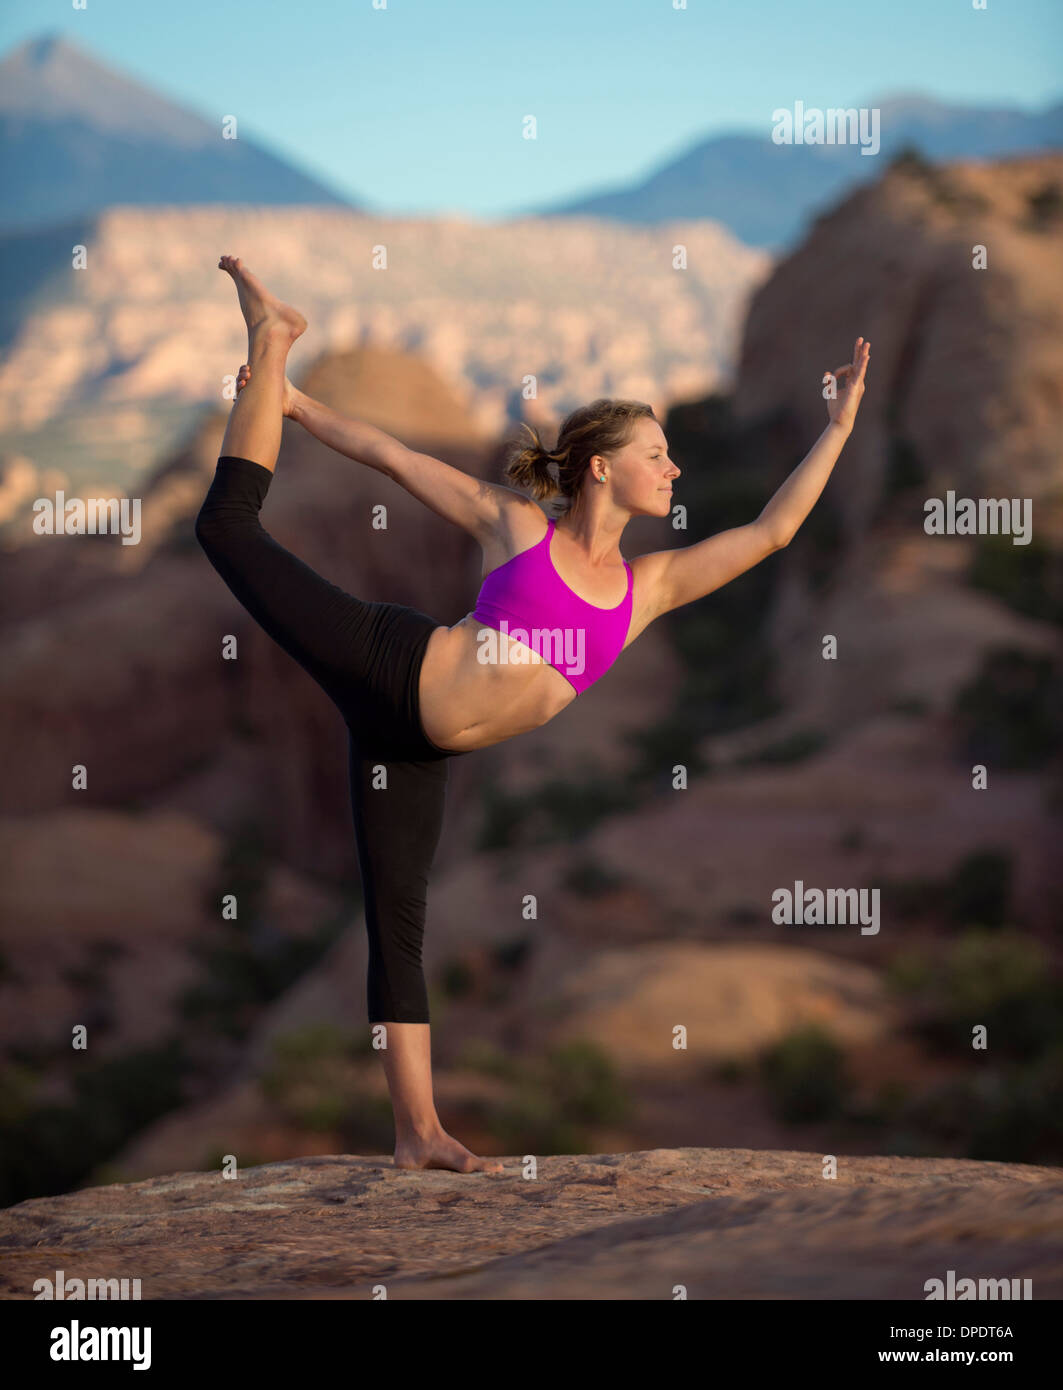 Junge Frau tut Yoga, Moab, Utah, USA Stockbild